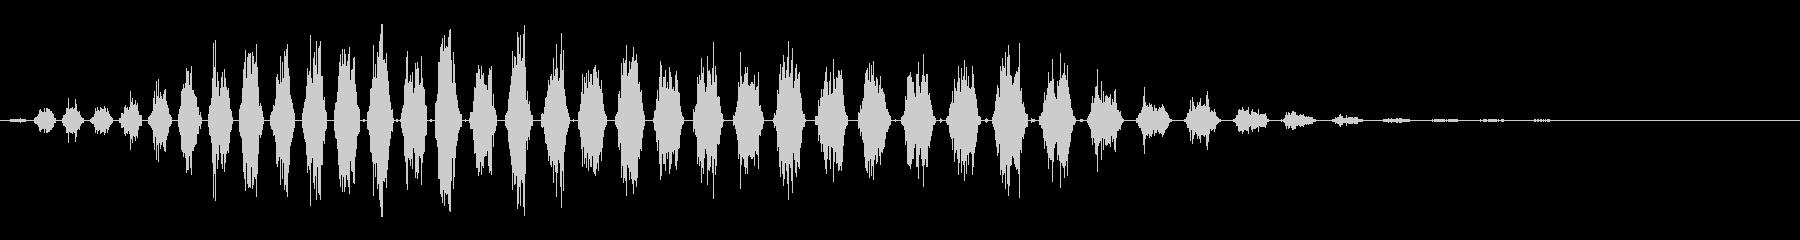 シャララ系ダウン(シュルシュル)の未再生の波形